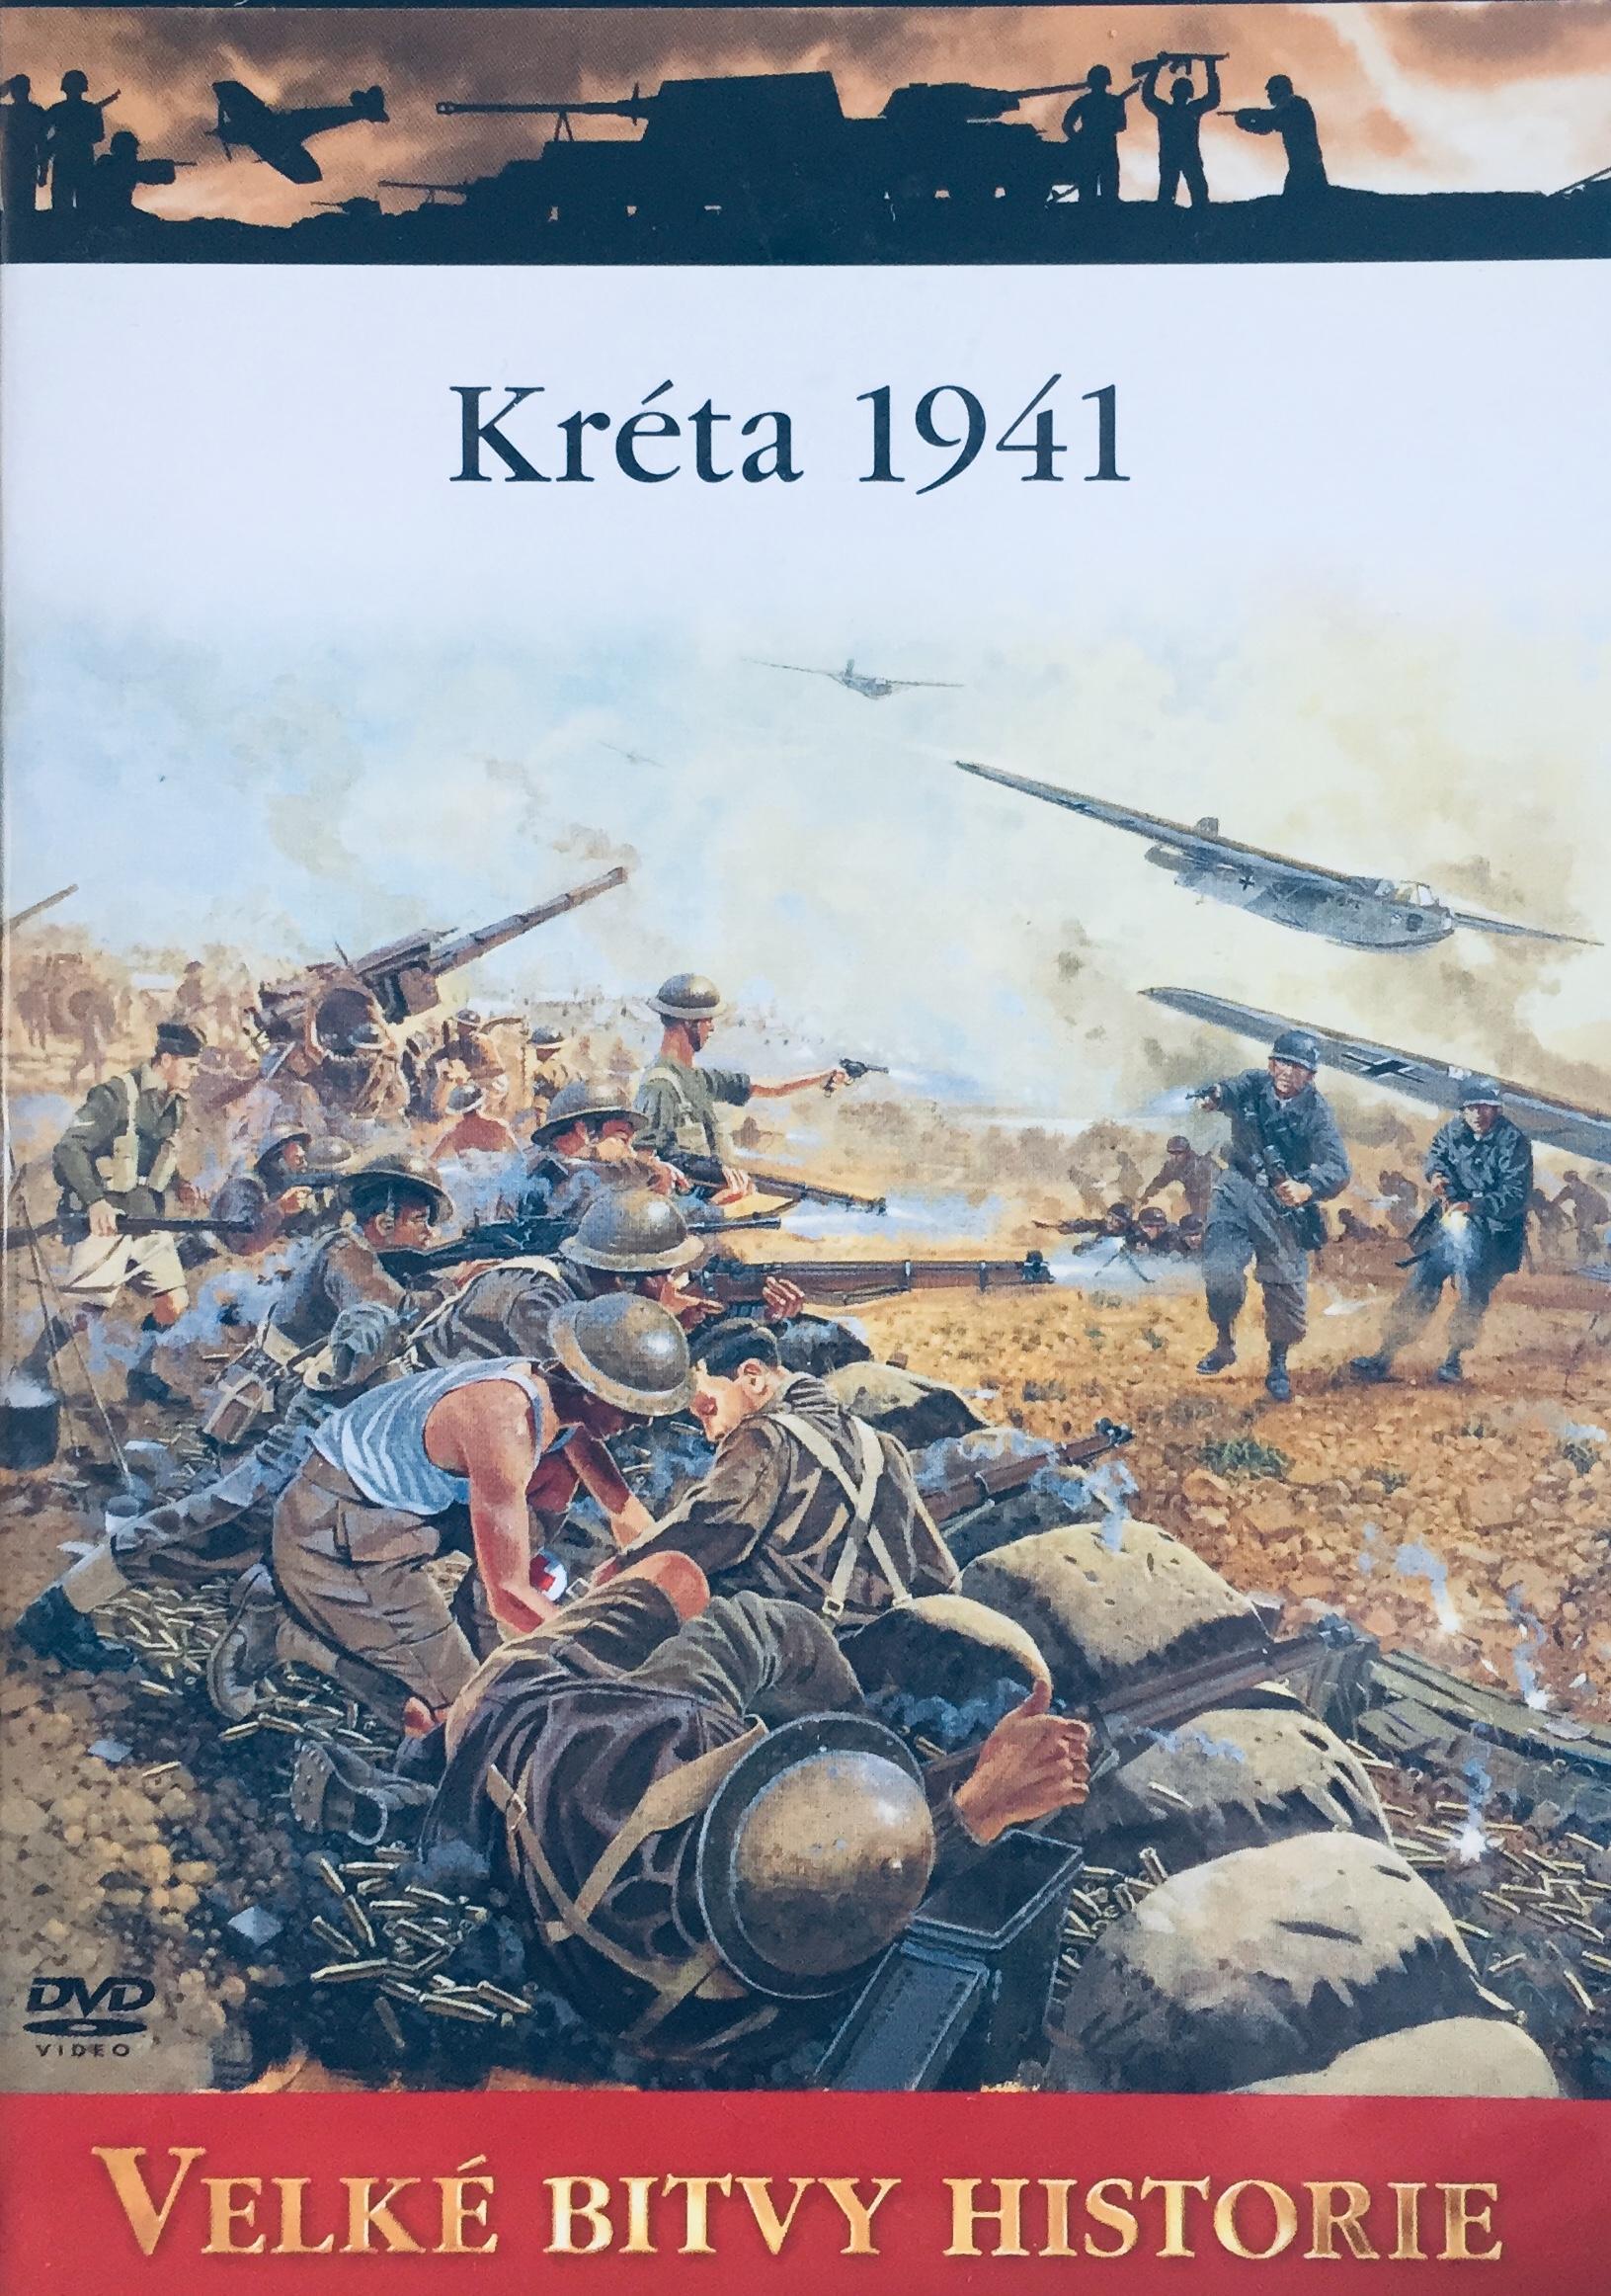 Velké bitvy historie - Kréta 1941 -  DVD /slim/